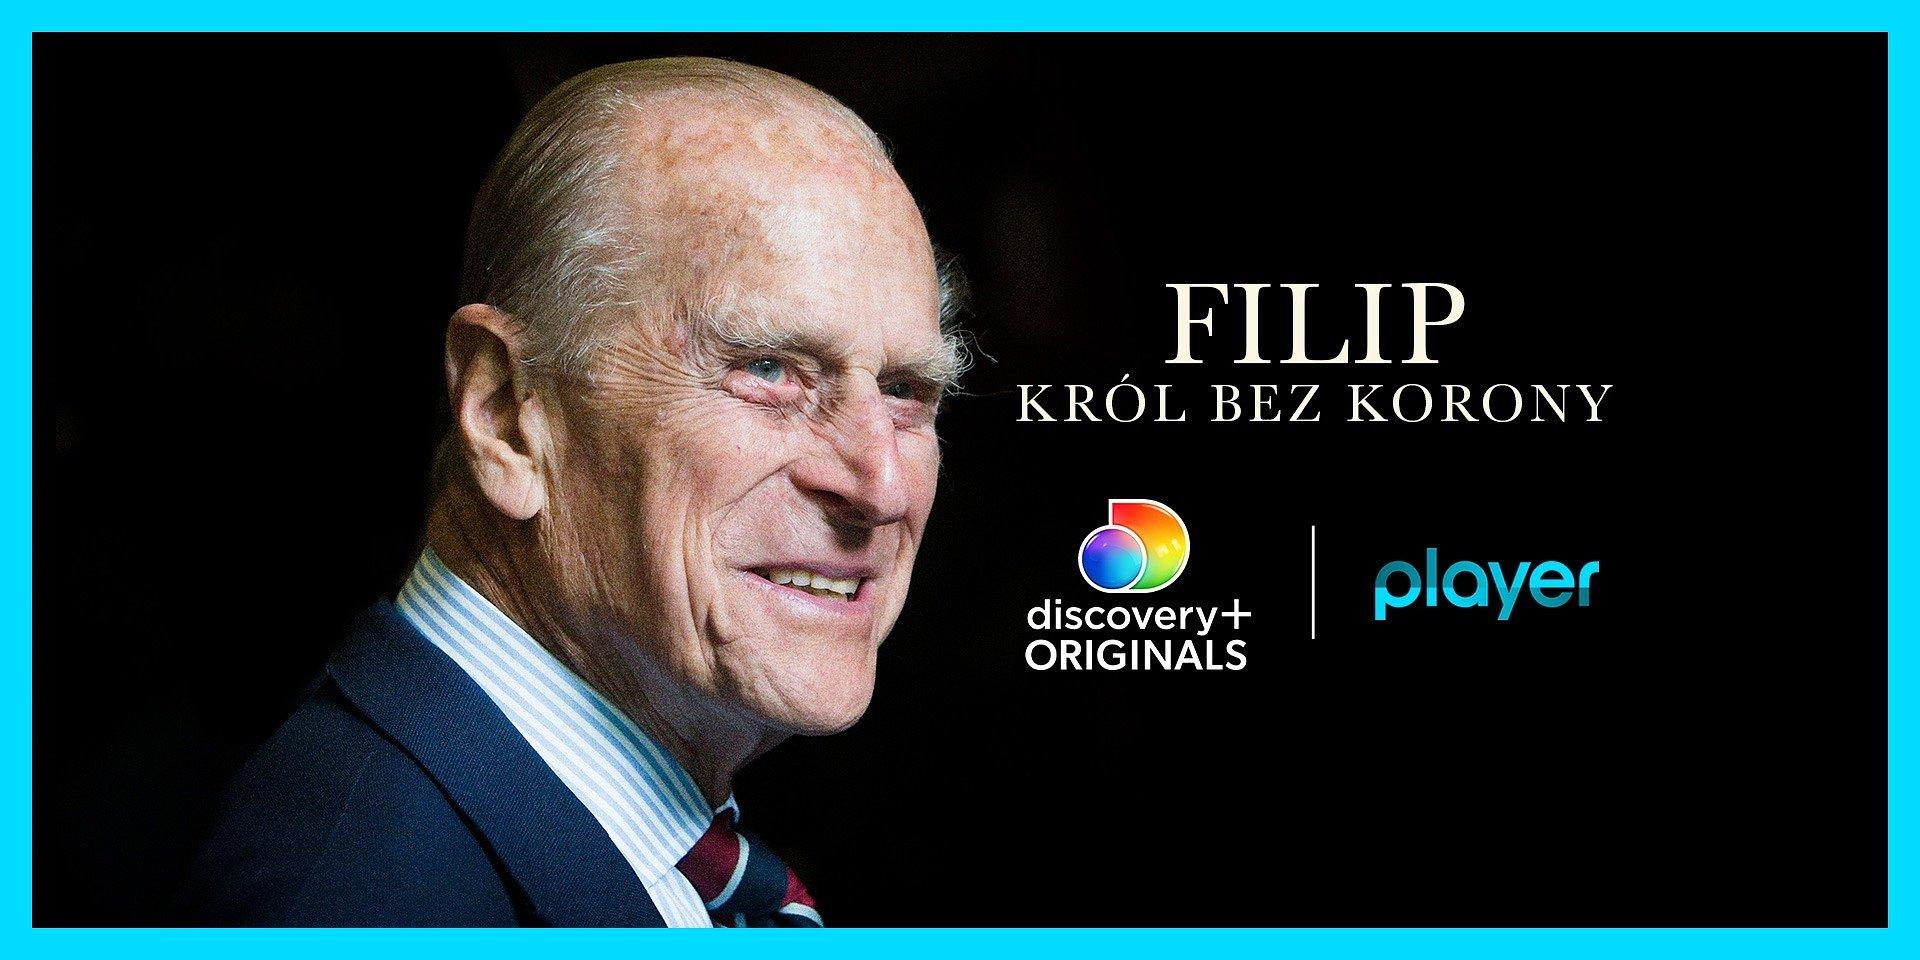 """""""Filip: Król bez korony"""" – nowy film discovery+ Originals tylko na Playerze!"""